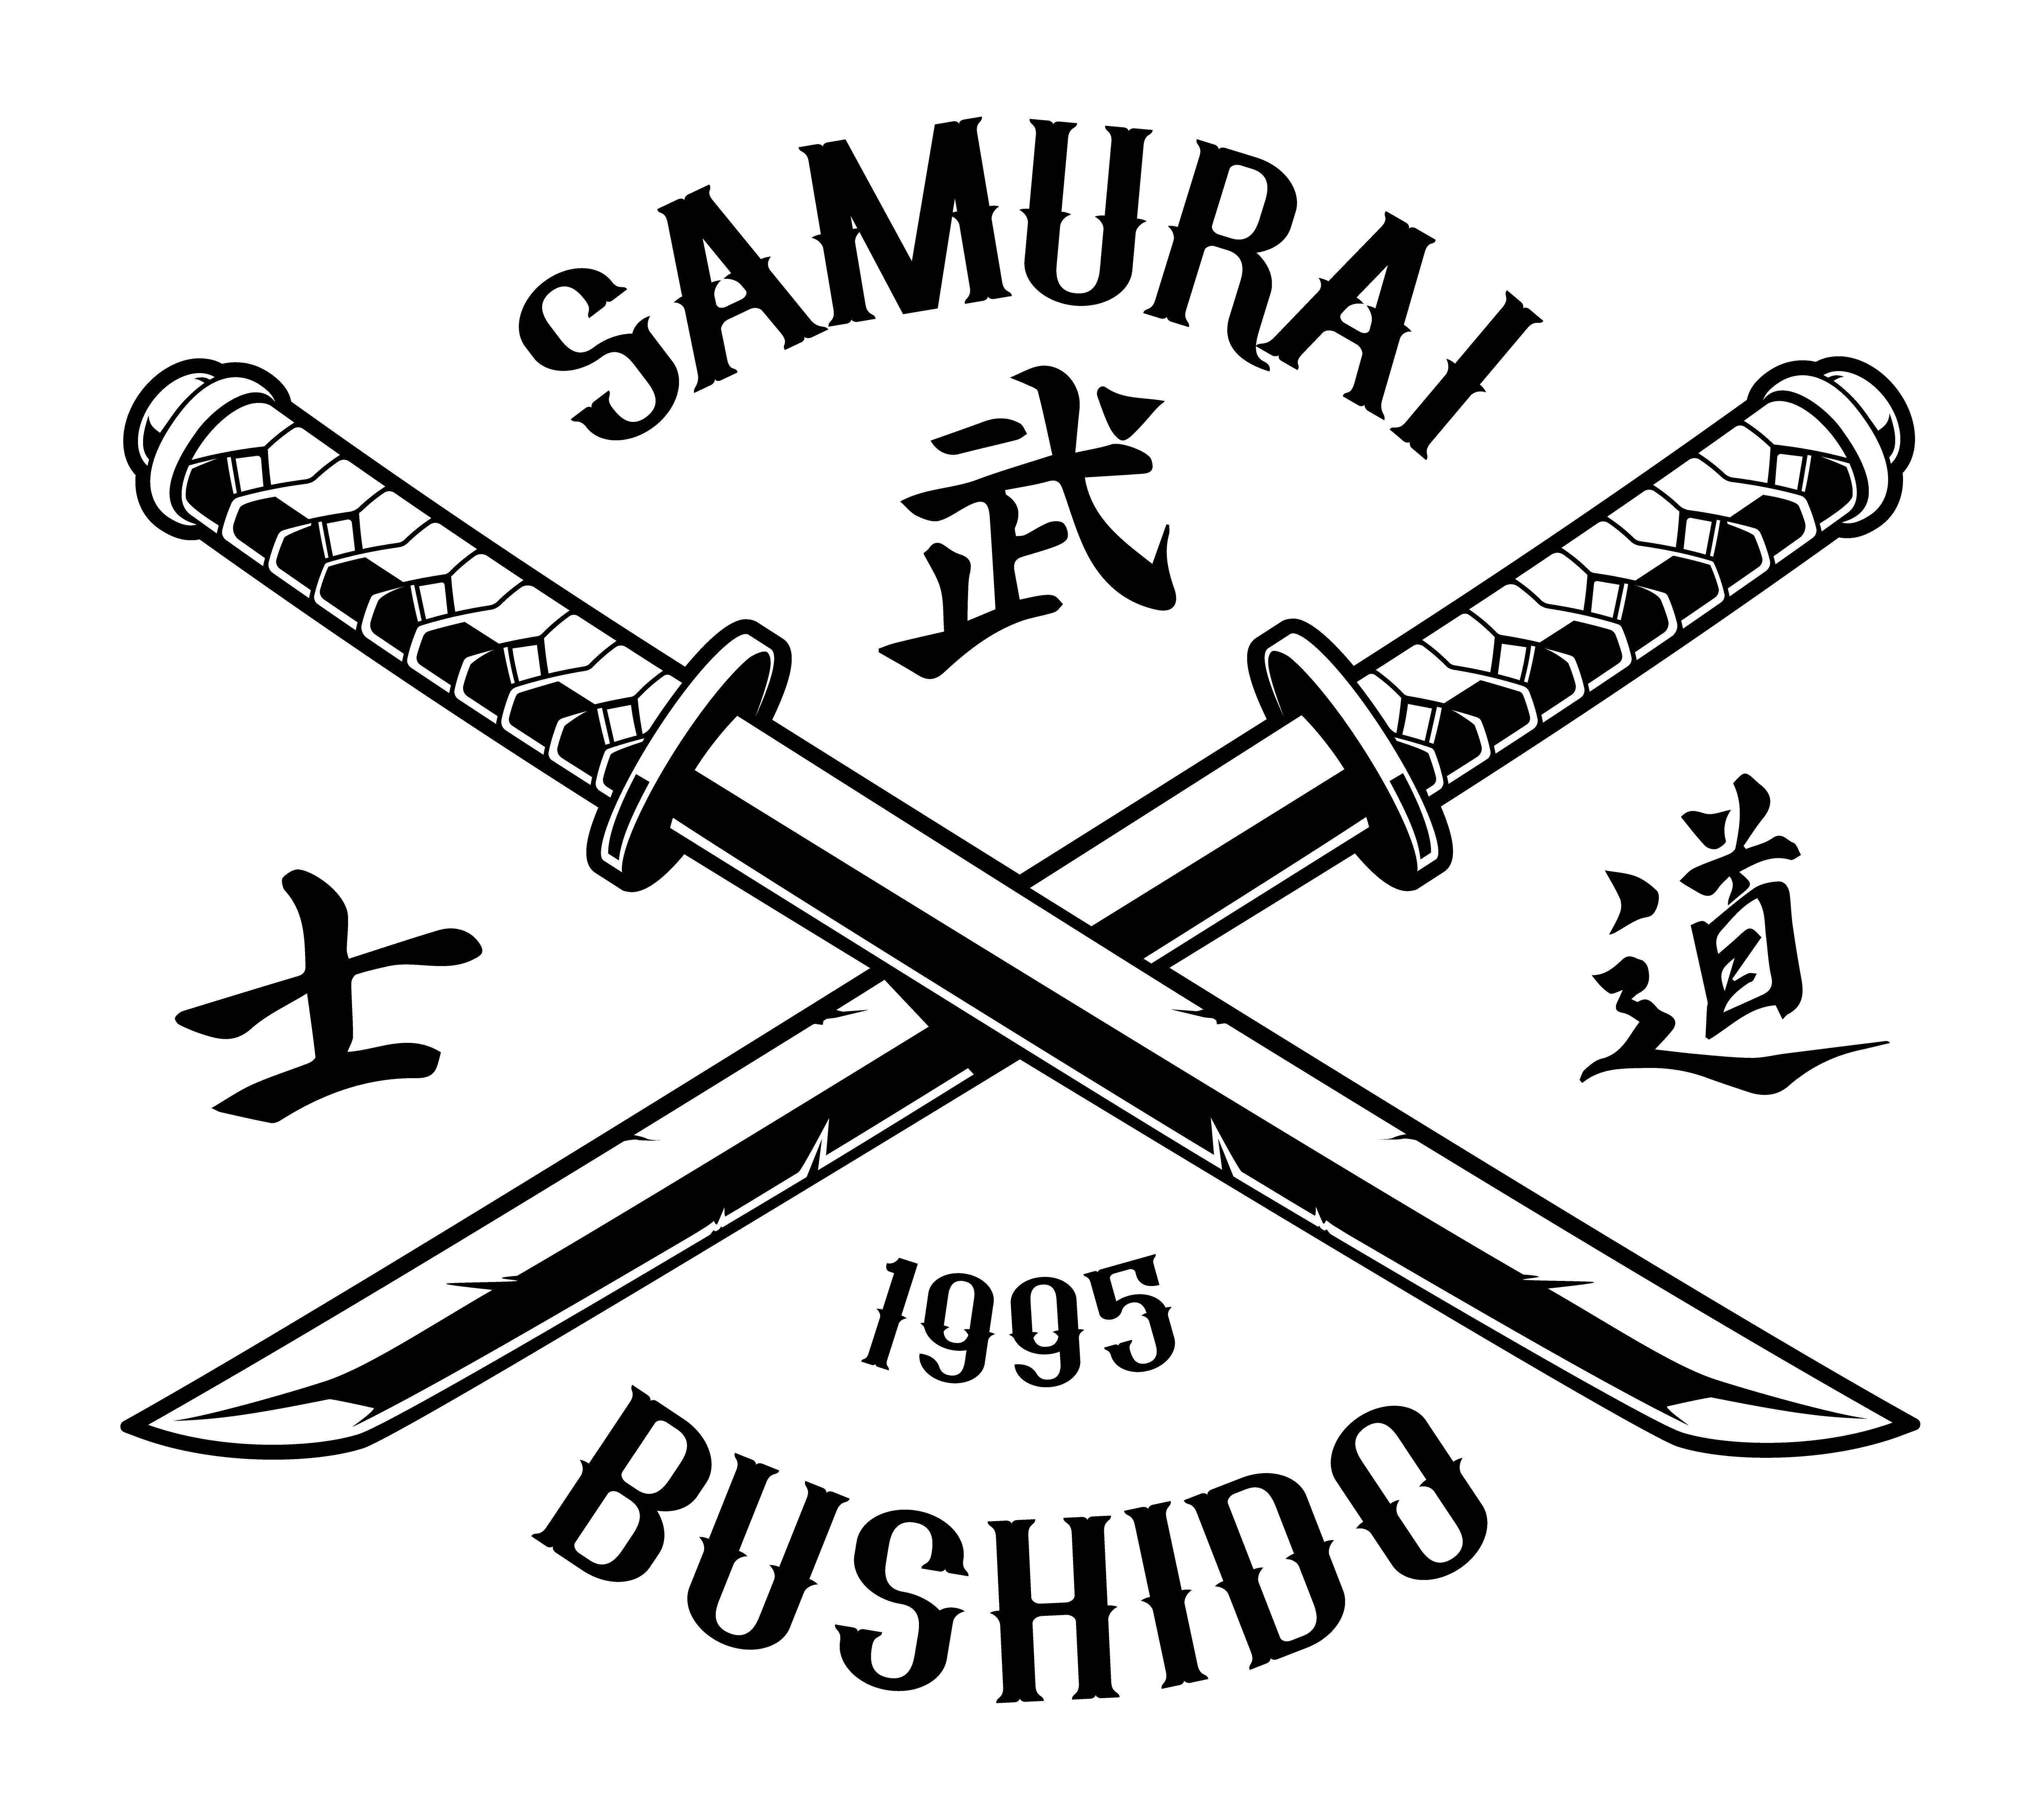 Katana Emblem On White Background